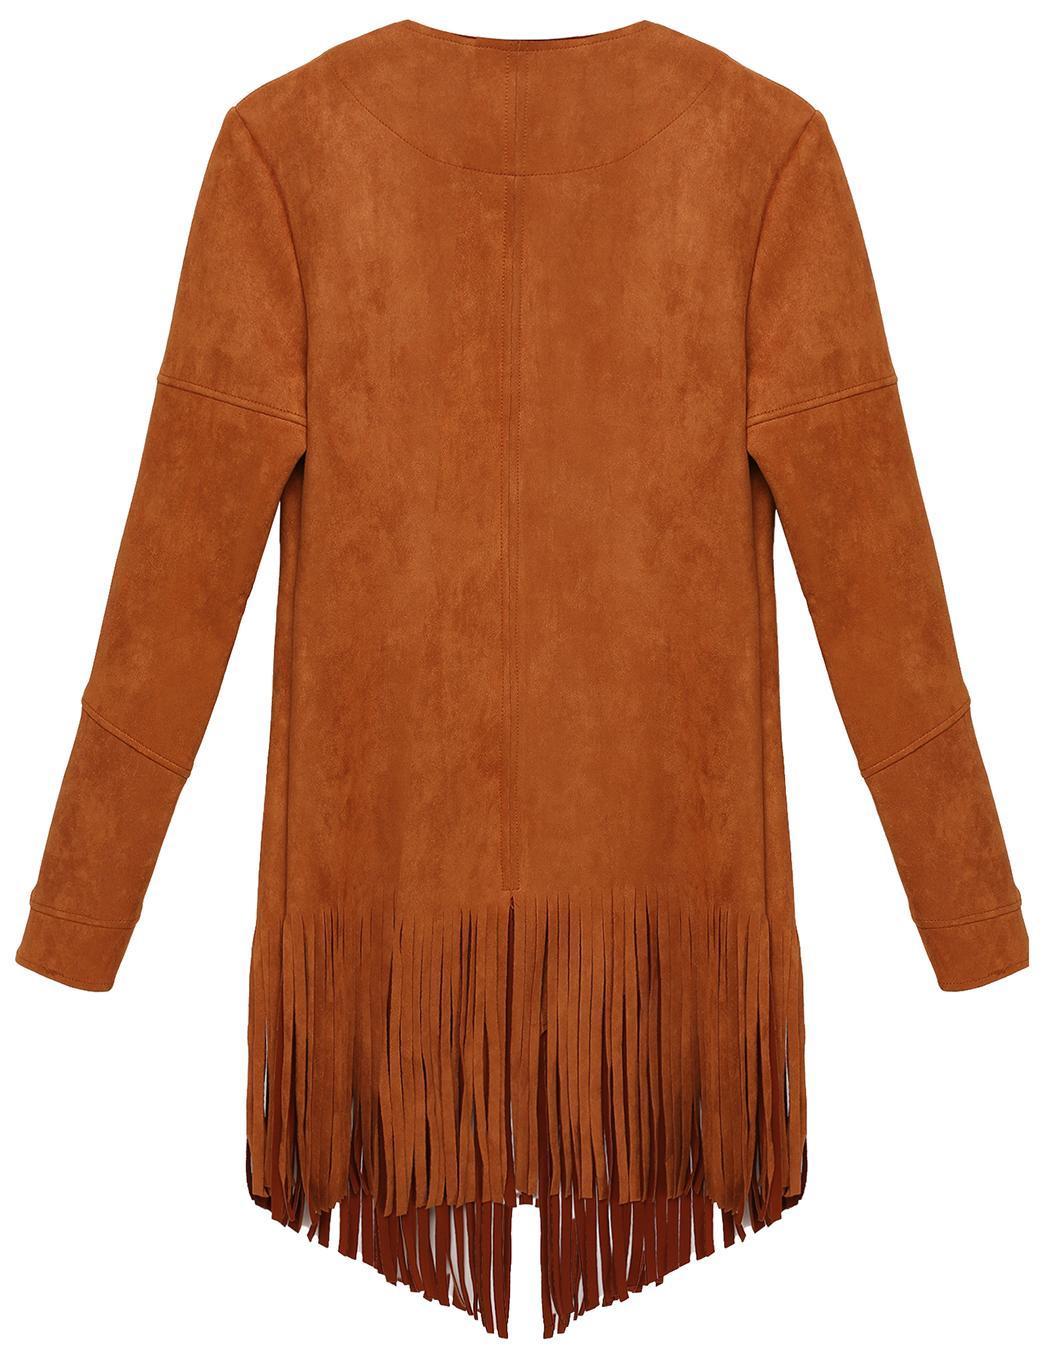 Women Casual Cardigan Long Sleeve Solid Tassel Long Coat 4